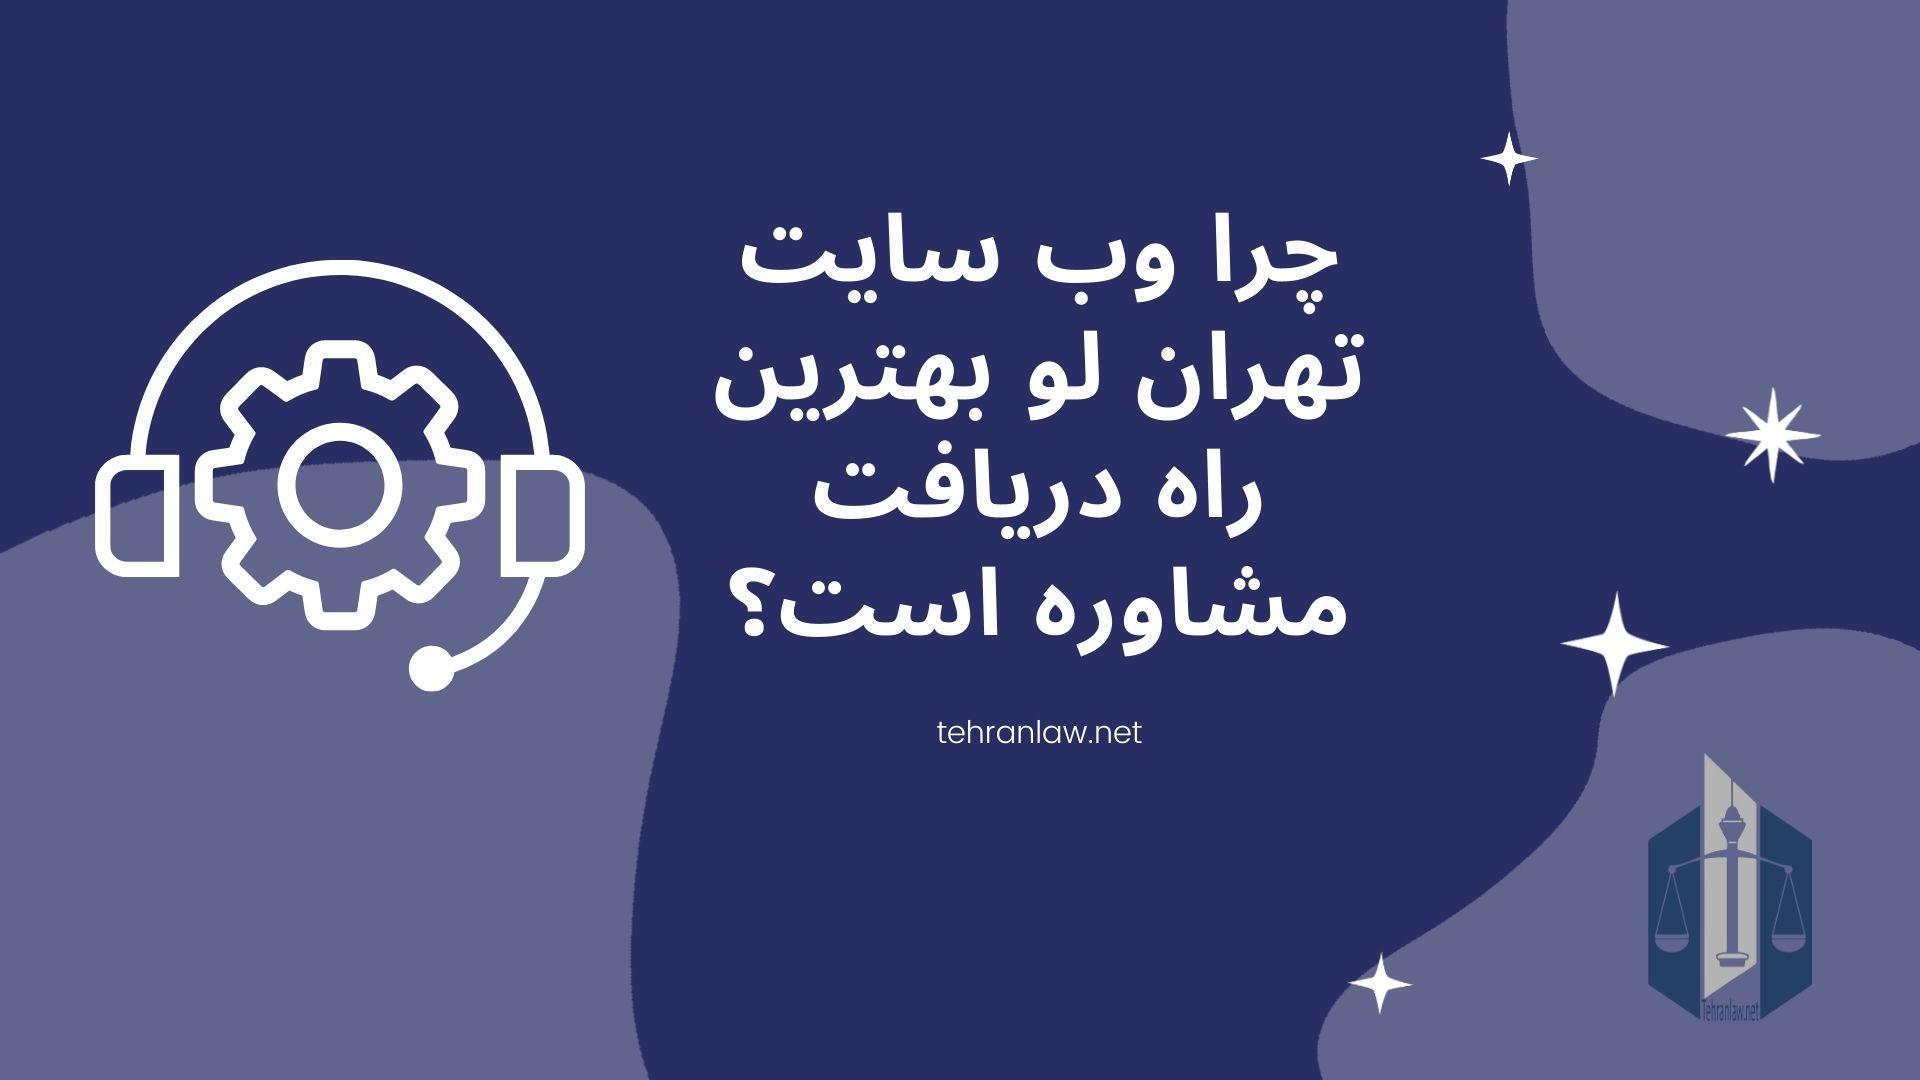 چرا وب سایت تهران لو بهترین راه دریافت مشاوره است